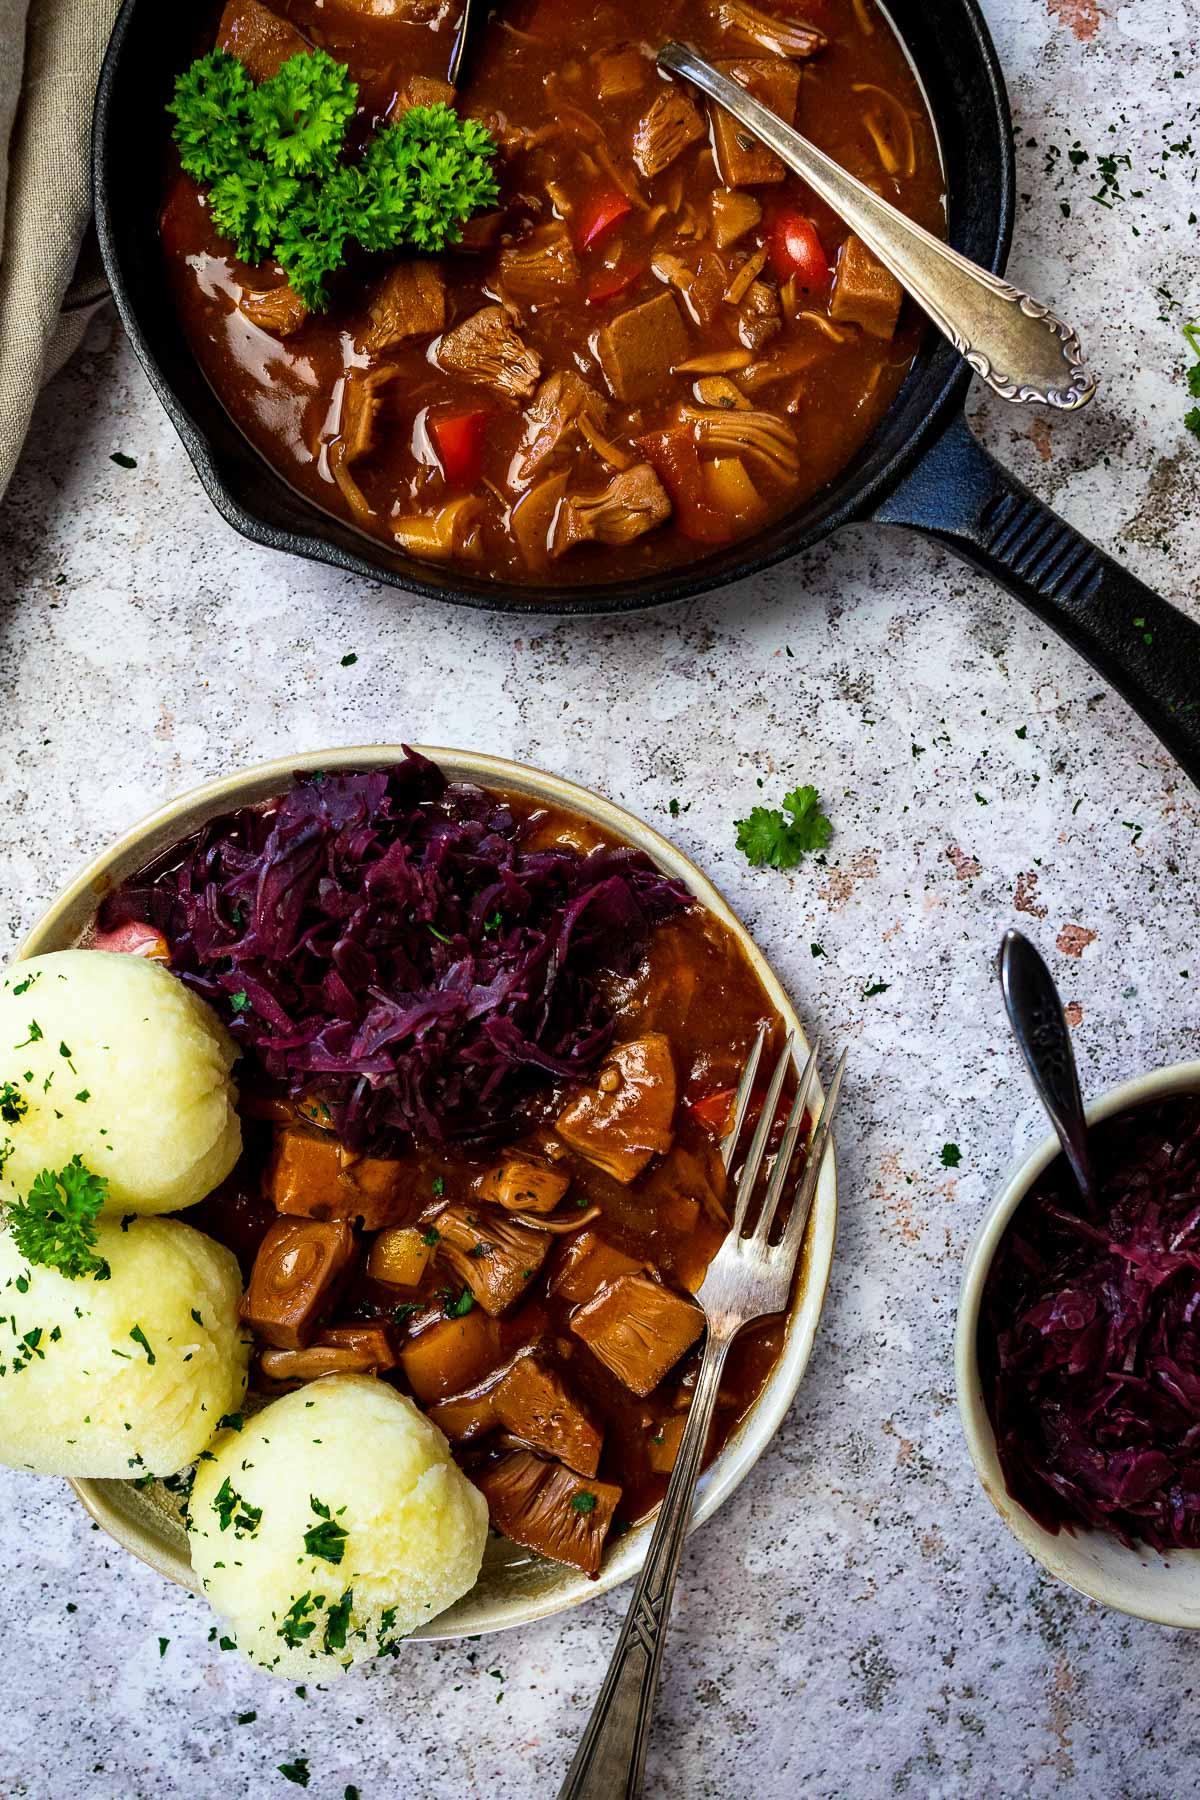 Veganes ungarisches Gulasch serviert mit Kartoffelknödeln und sautiertem Rotkohl und ungarischem Gulasch in einer gusseisernen Pfanne.